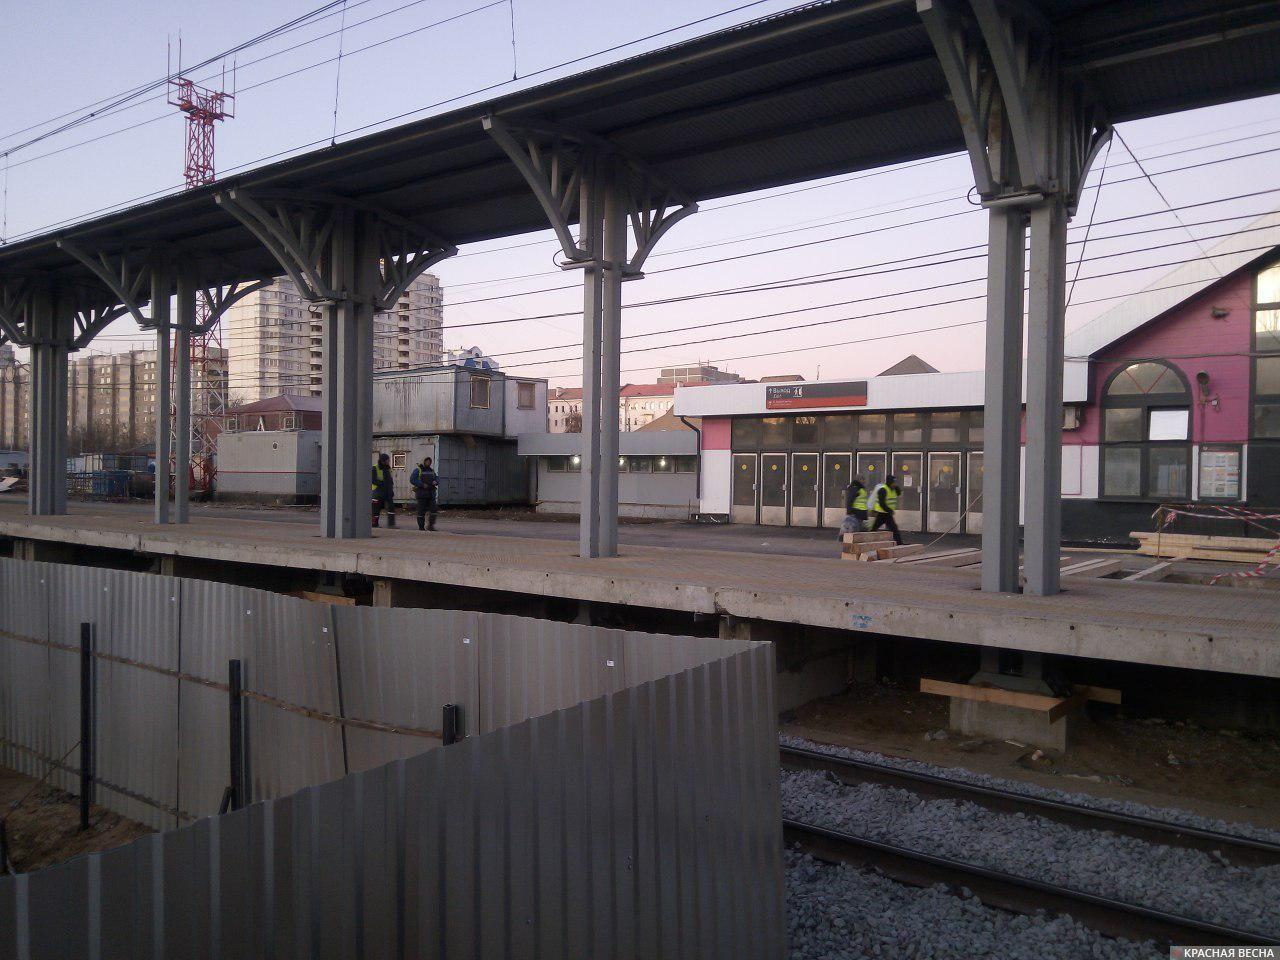 Вокзал в Подольске: ремонт платформы